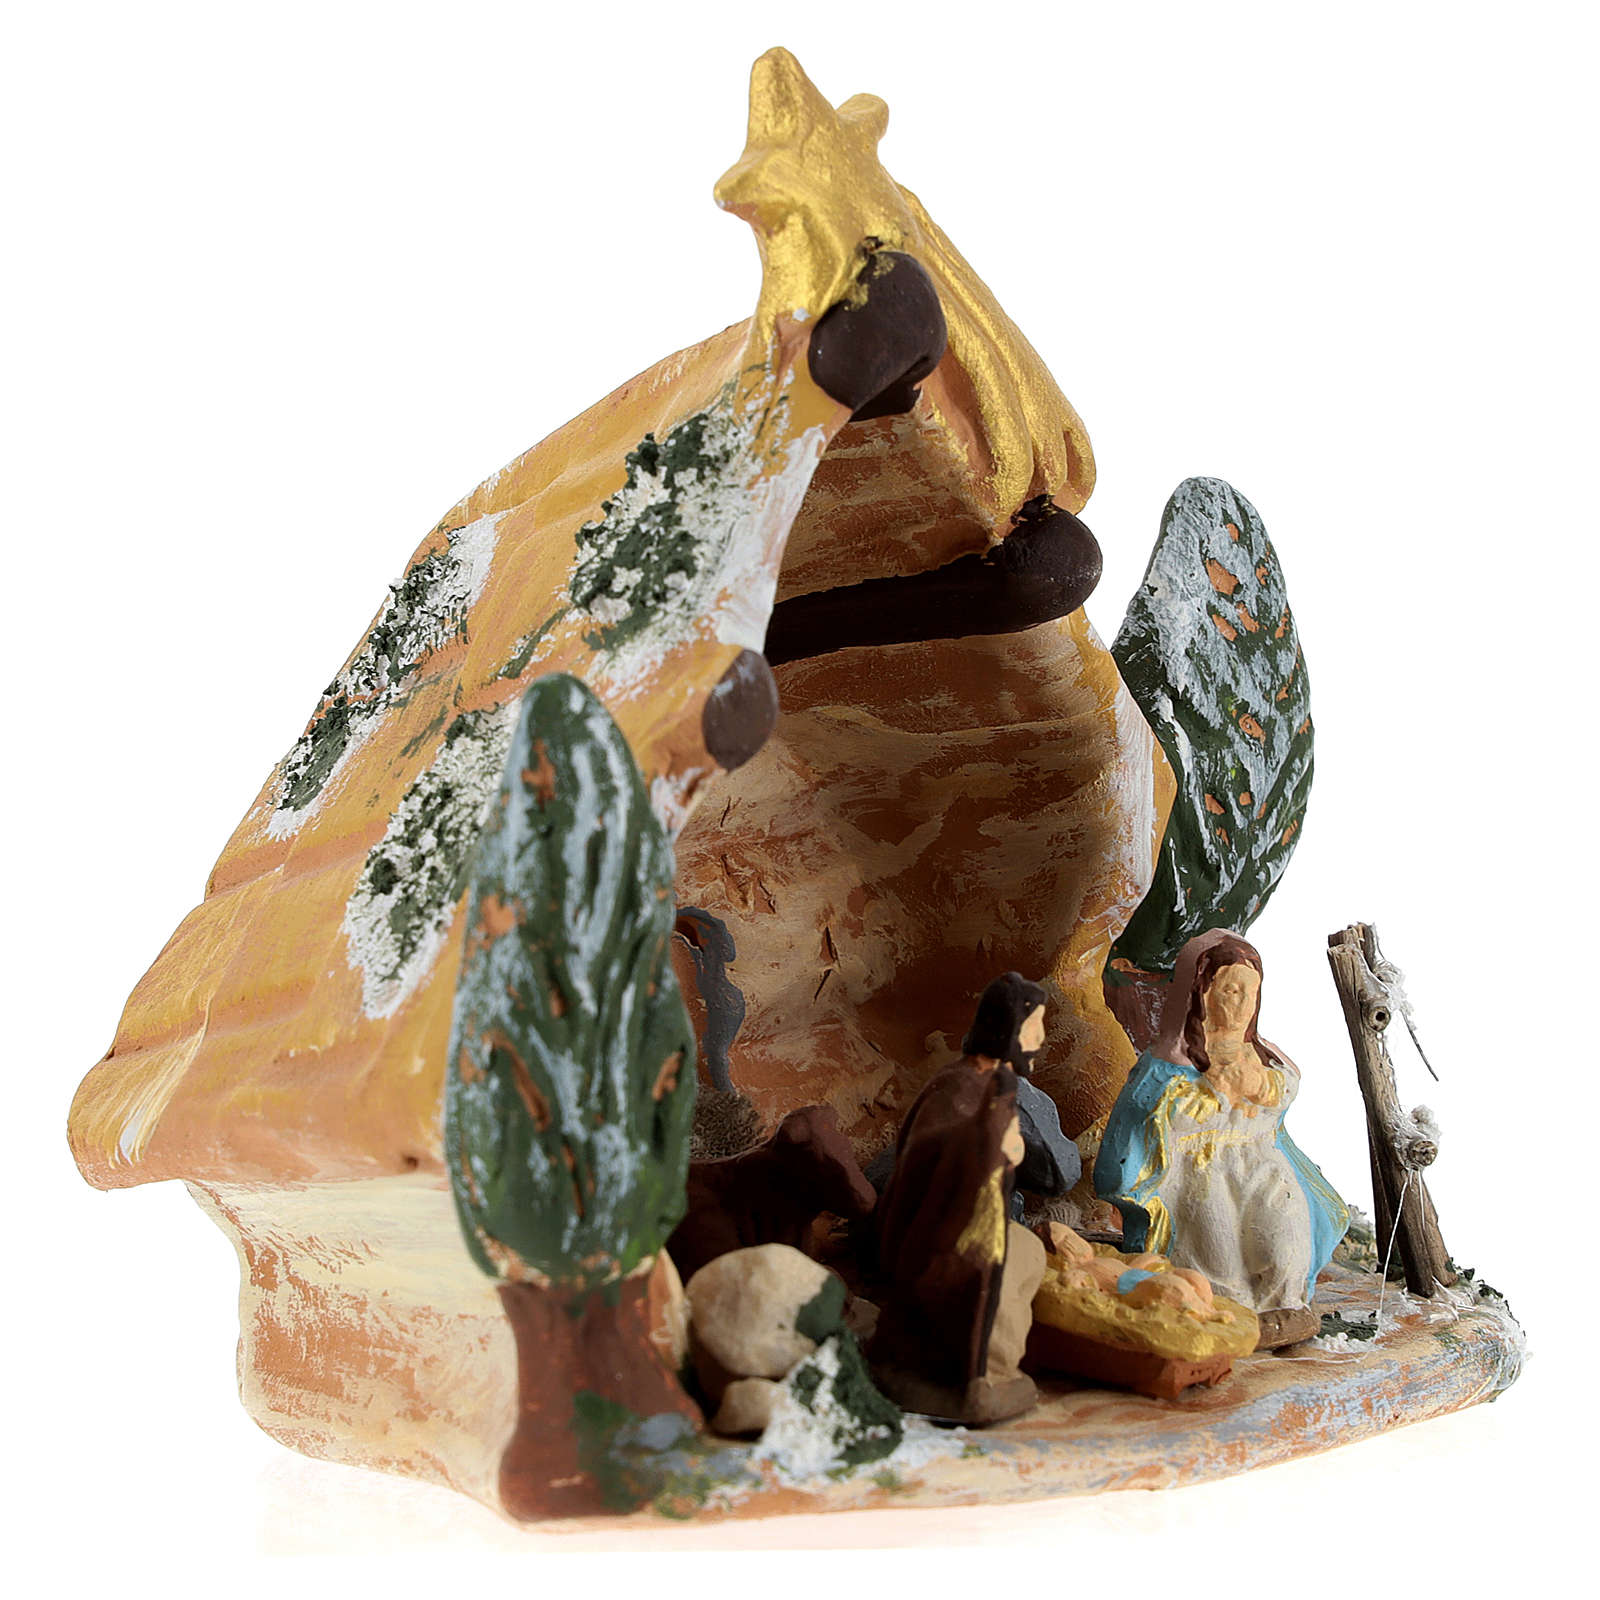 Capanna Deruta in terracotta colorata con scena Natività 4 cm 5 pz e cometa 4